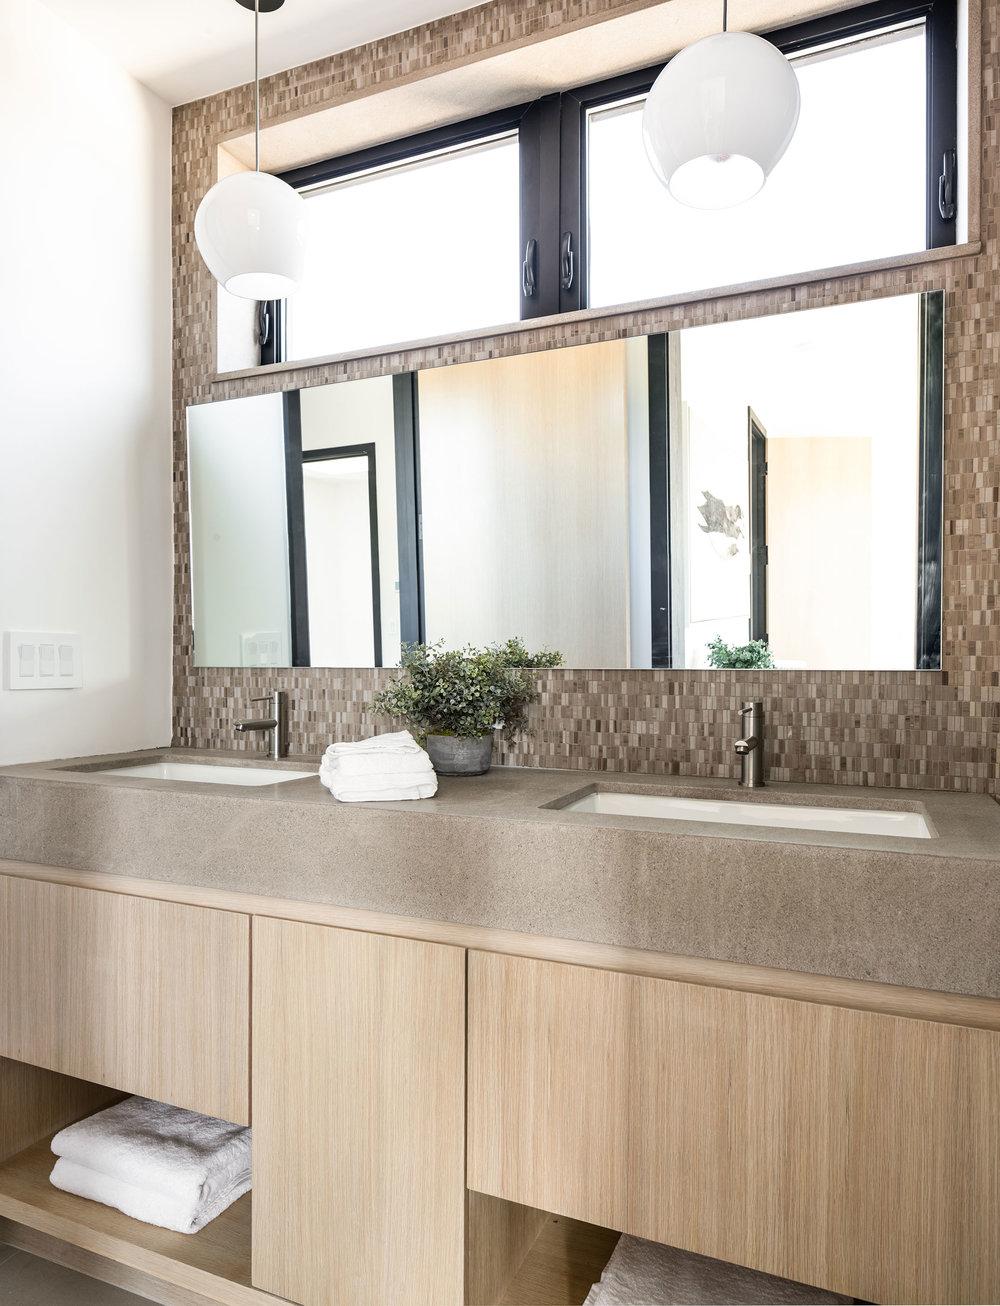 11-SiliconBay-bathroom-contemporary-Los-Angeles.jpg